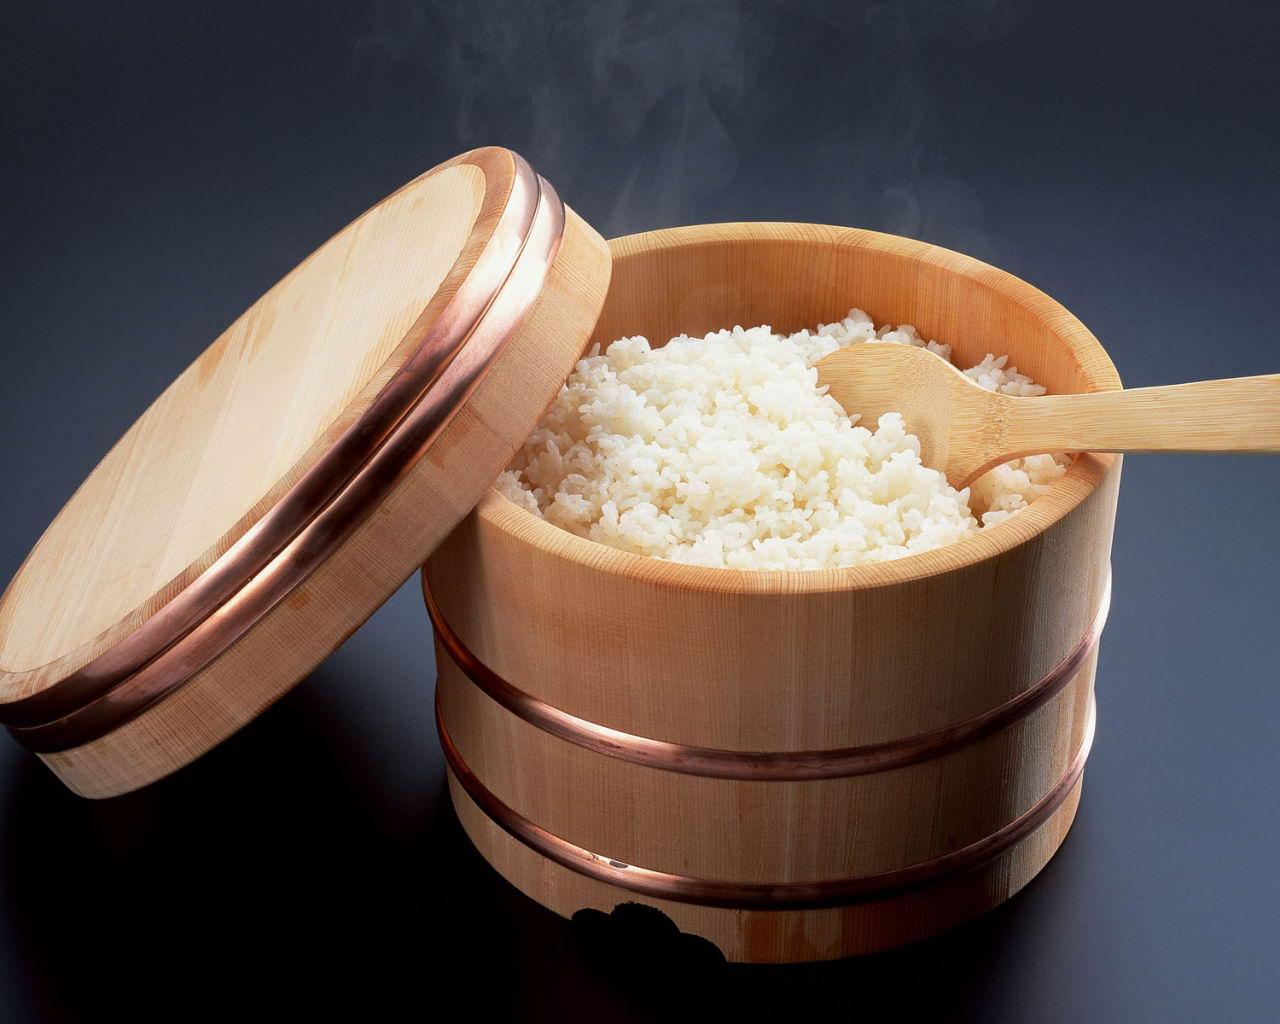 Рисовая диета — потеря веса до 4 килограмм за 7 дней